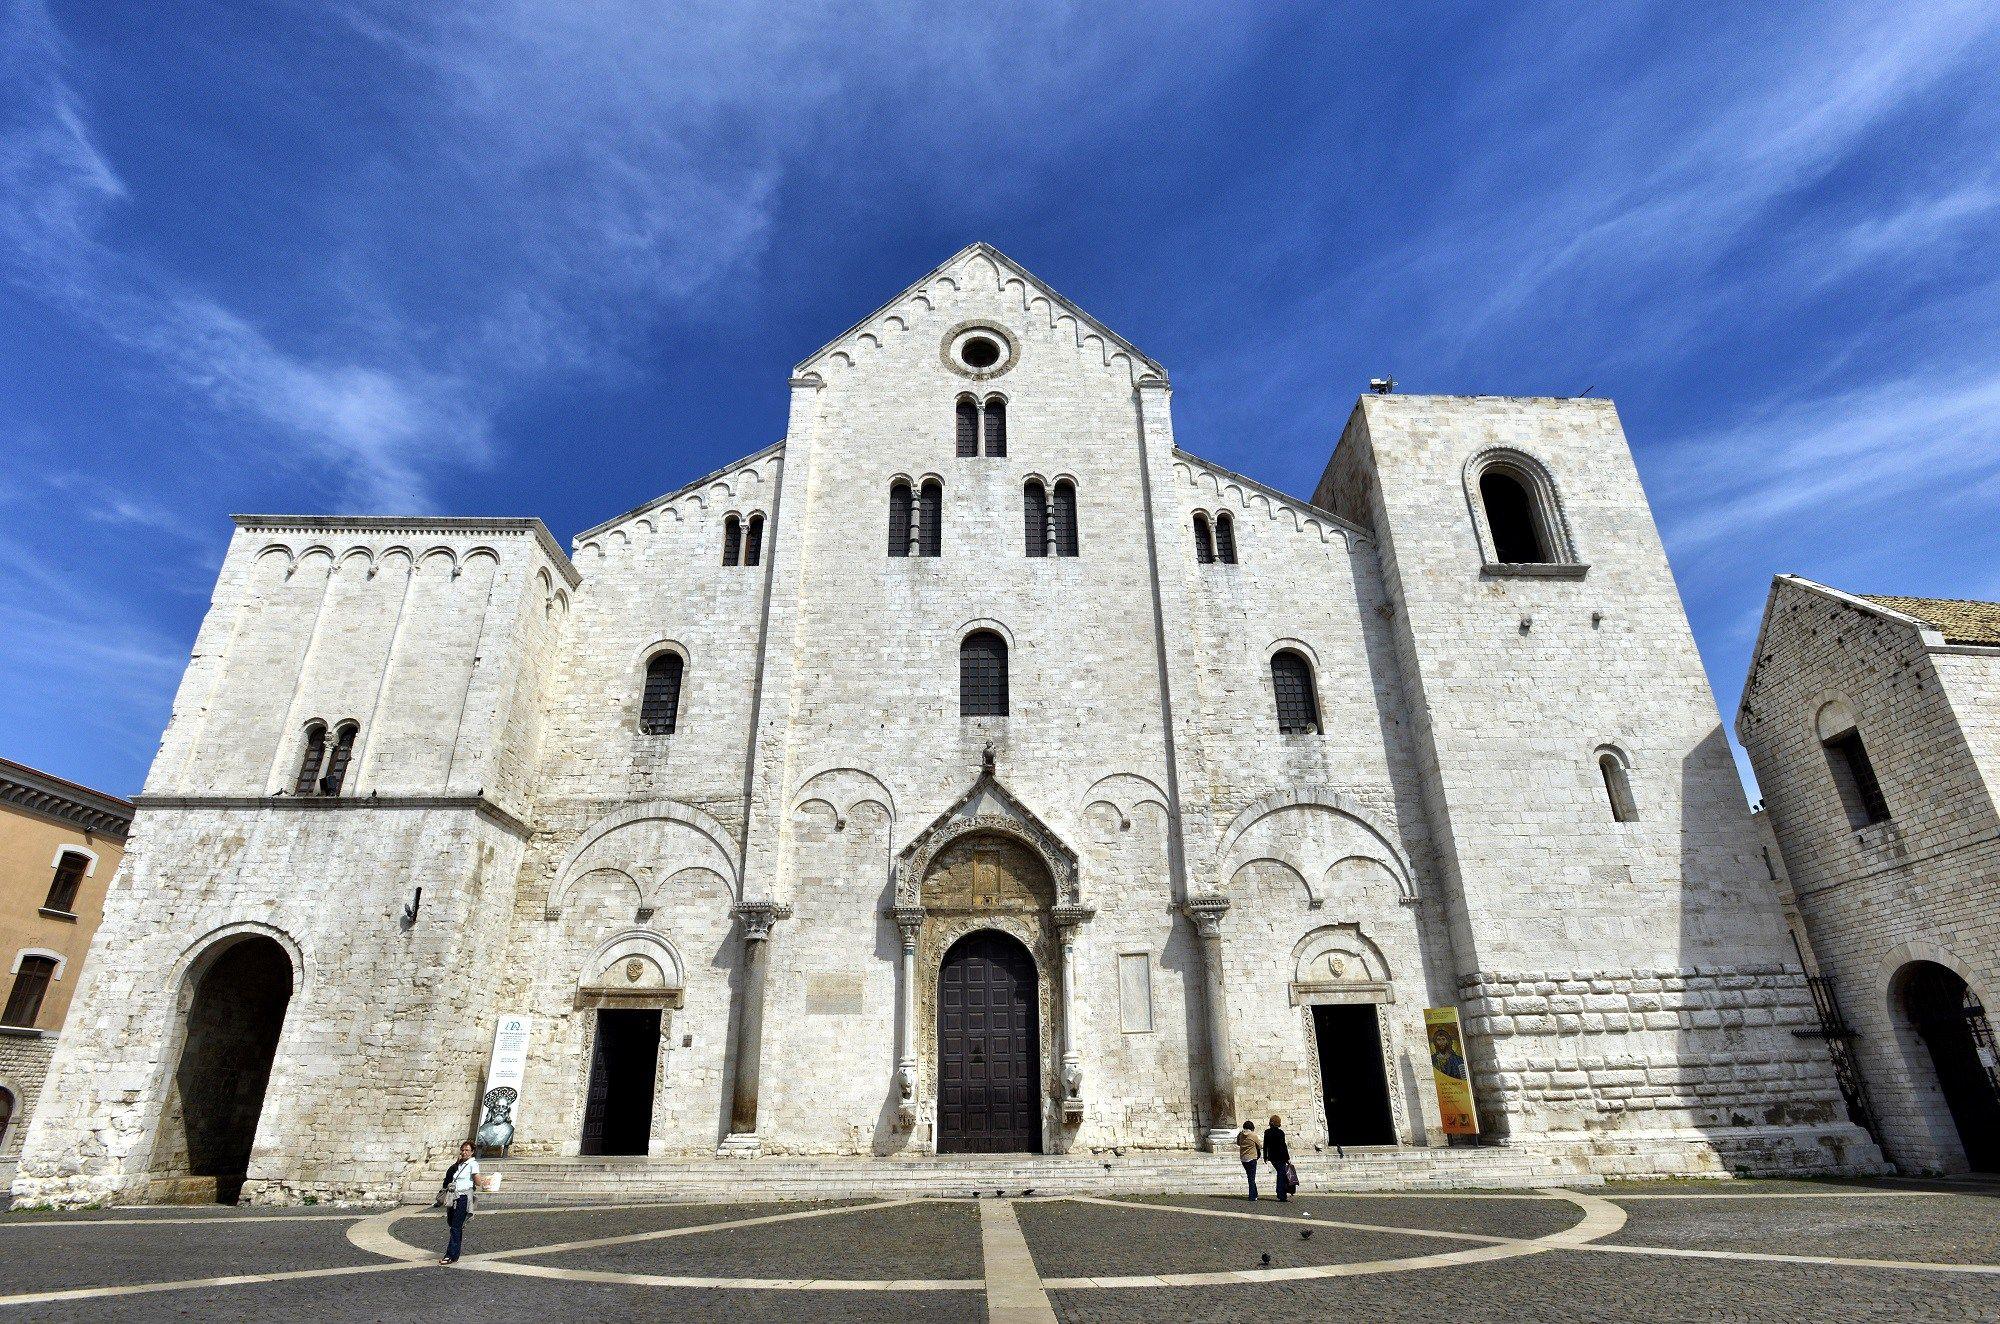 Bari - Piazza San Nicola